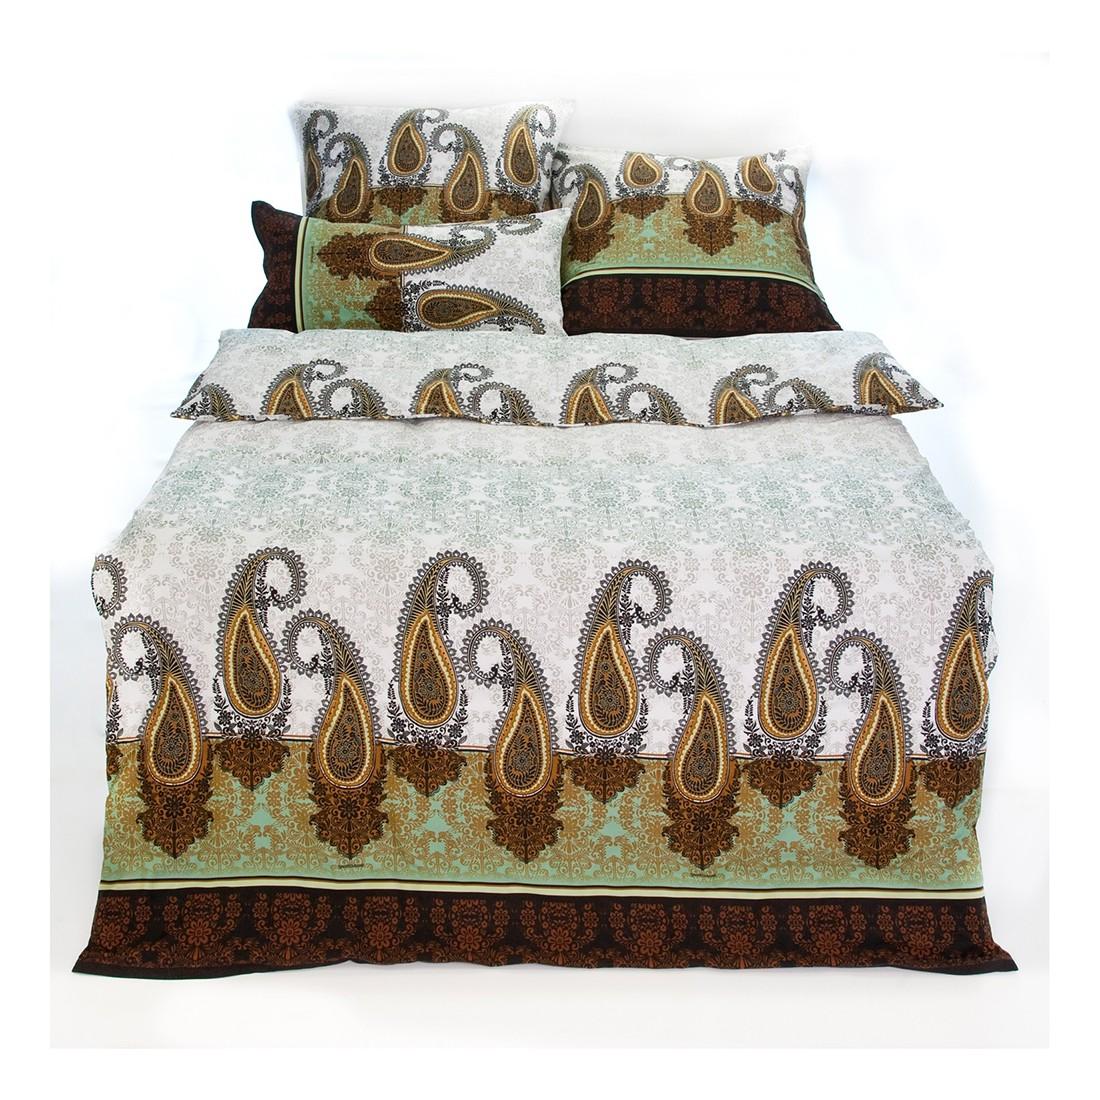 Bettwäsche Kaula – Mako – Satin – 100% Baumwolle – Braun – V2 – Kissen-/ Deckenbezug: 2x 80 x 80 cm / 200 x 200 cm, bassetti günstig kaufen